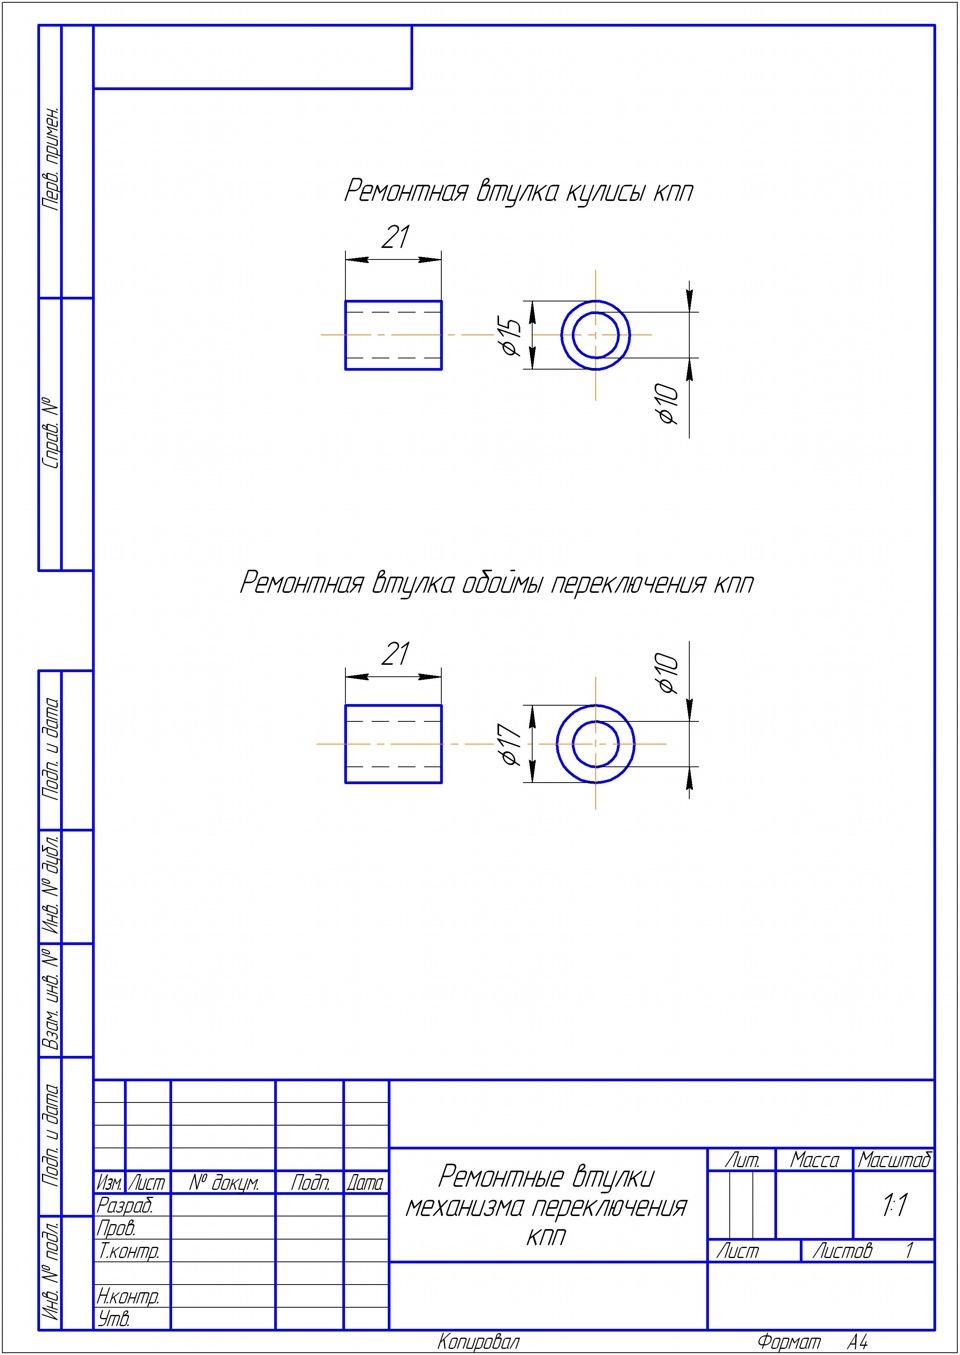 детальная схема коробки передач ваз 2110